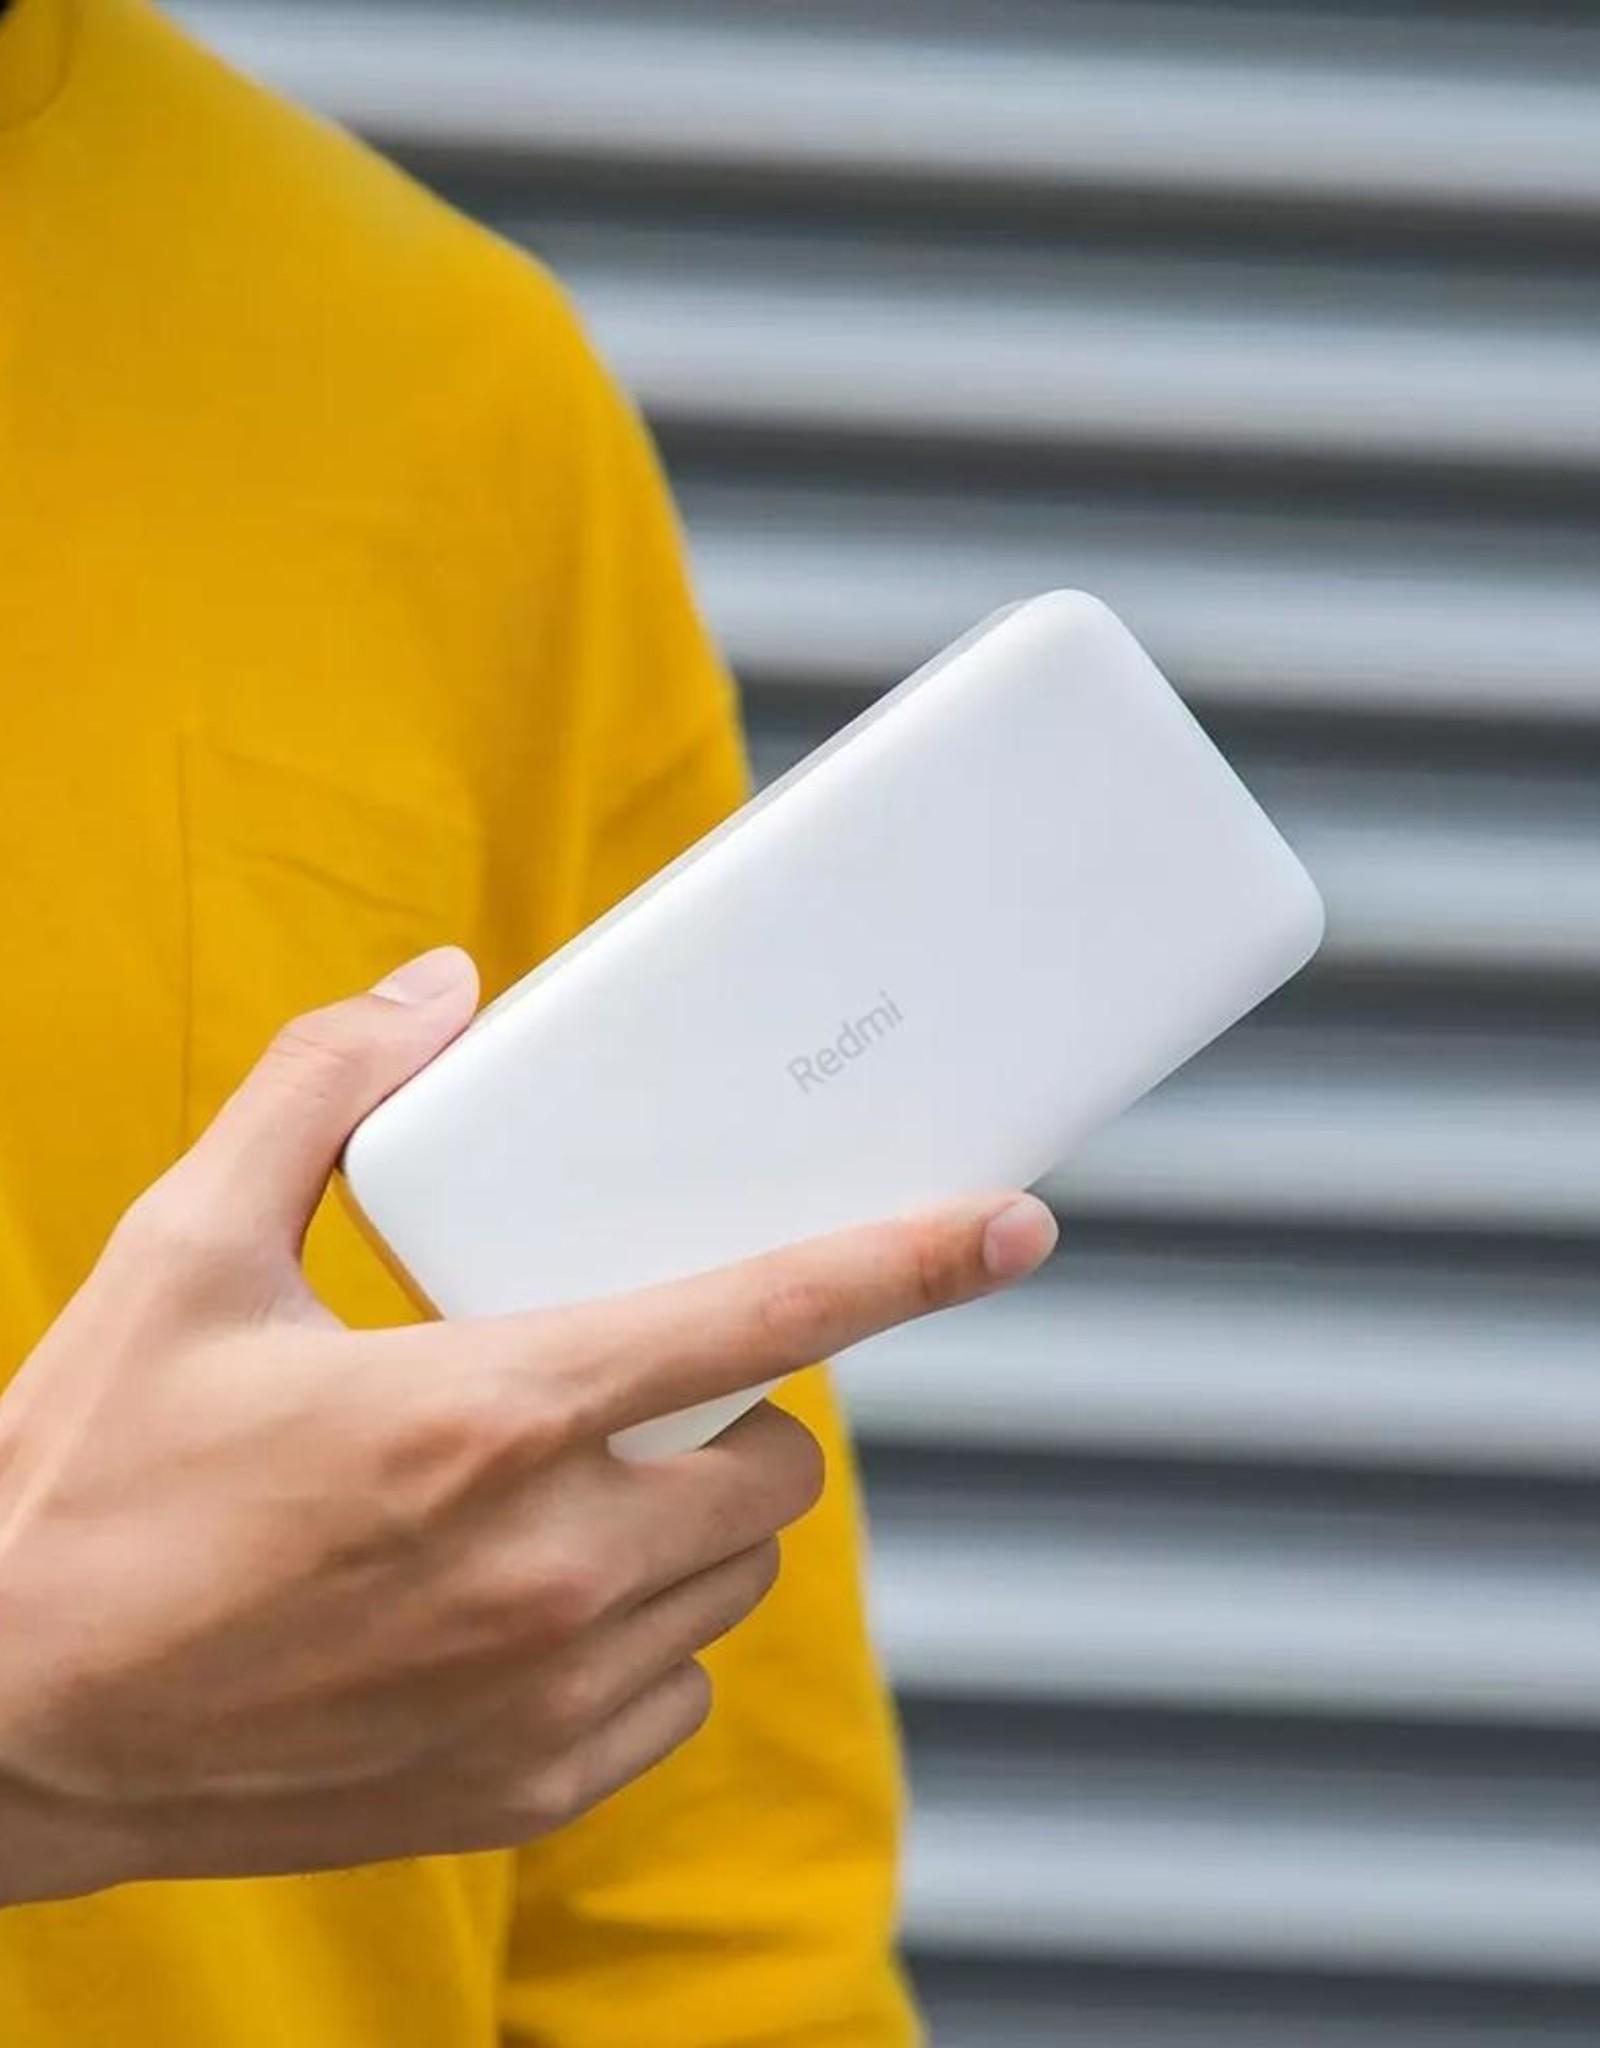 Xiaomi Redmi Powerbank 20'000mAh